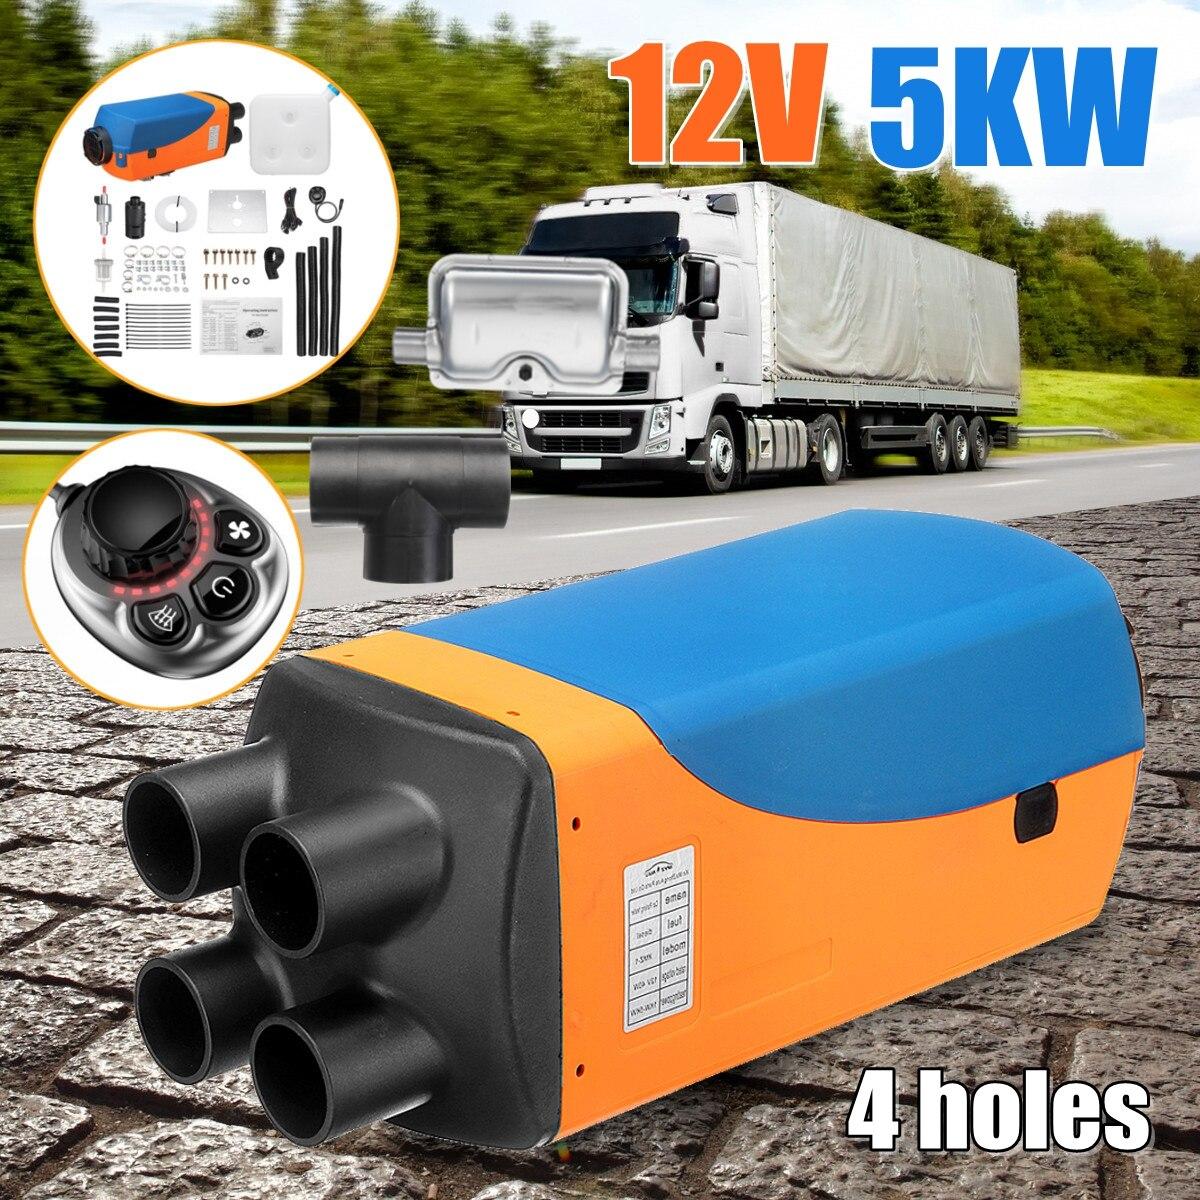 Nouveau 5KW 12 v D'air Diesel de Voiture de Stationnement Chauffe-Réservoir 4 trous 2 xVent Conduit Thermostat Caravane Camping-Car Interrupteur à Bouton chauffage Avec Silencieux